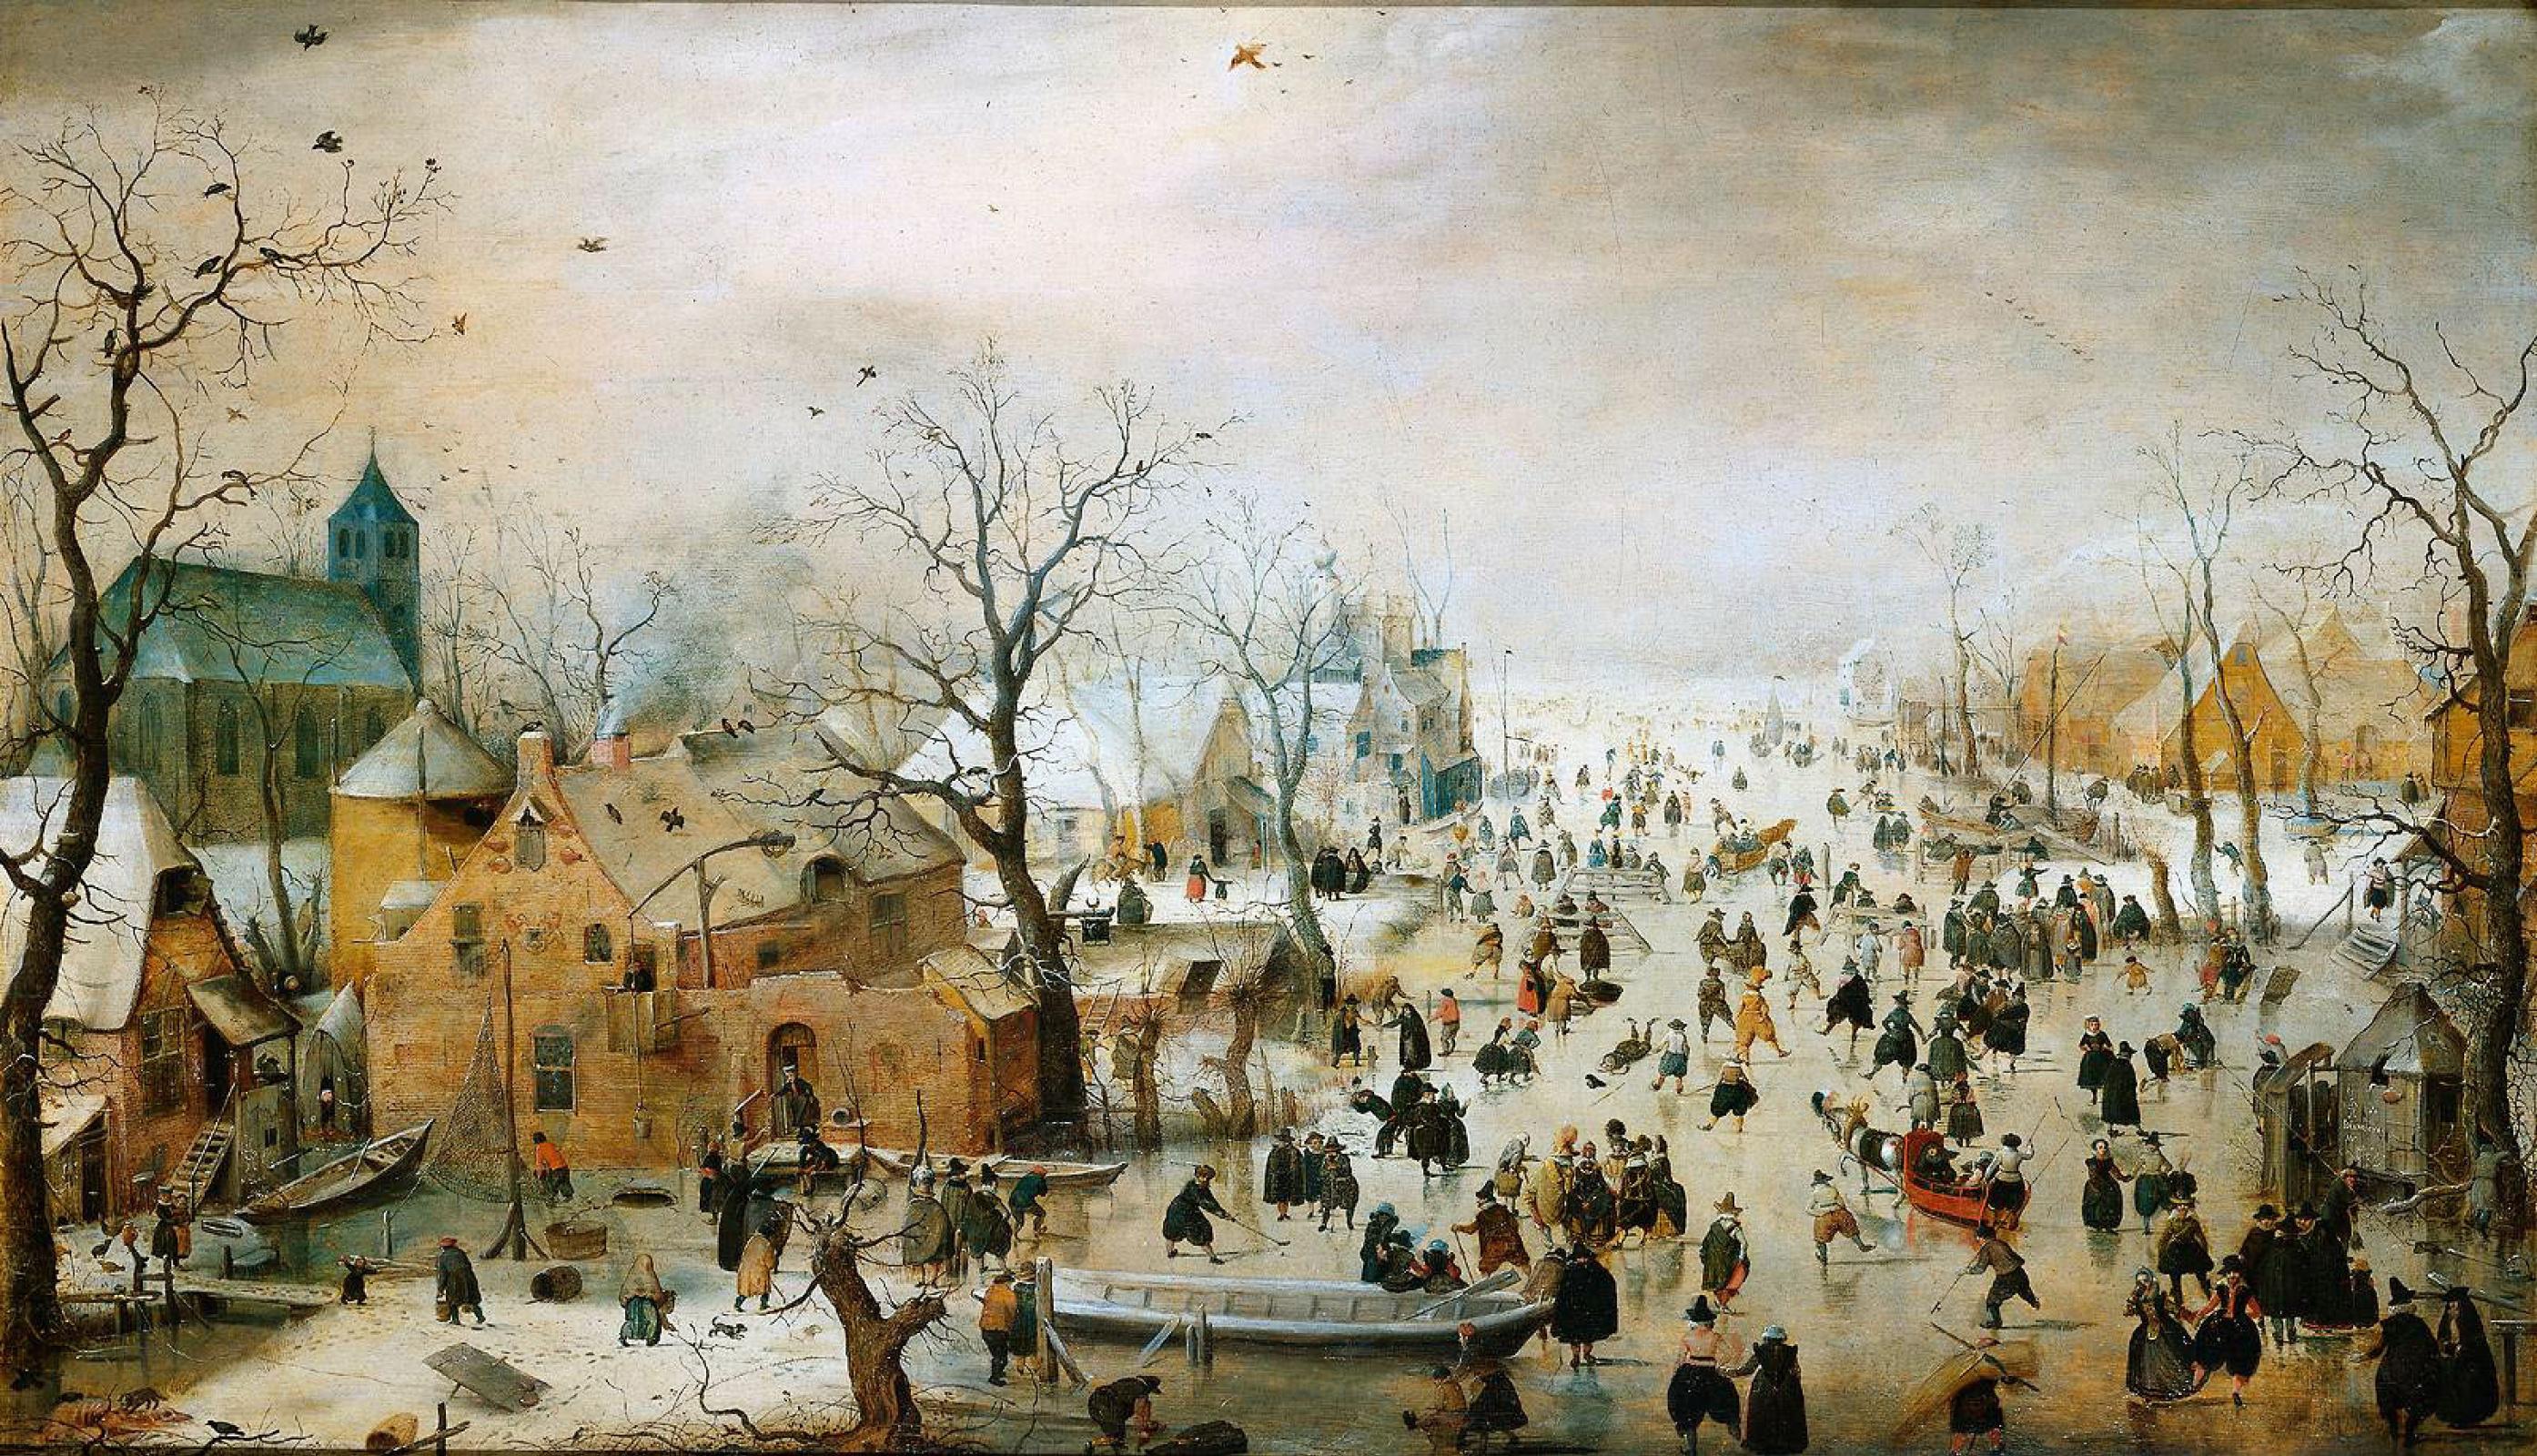 Хендрик Аверкамп. Зимний пейзаж с конькобежцами